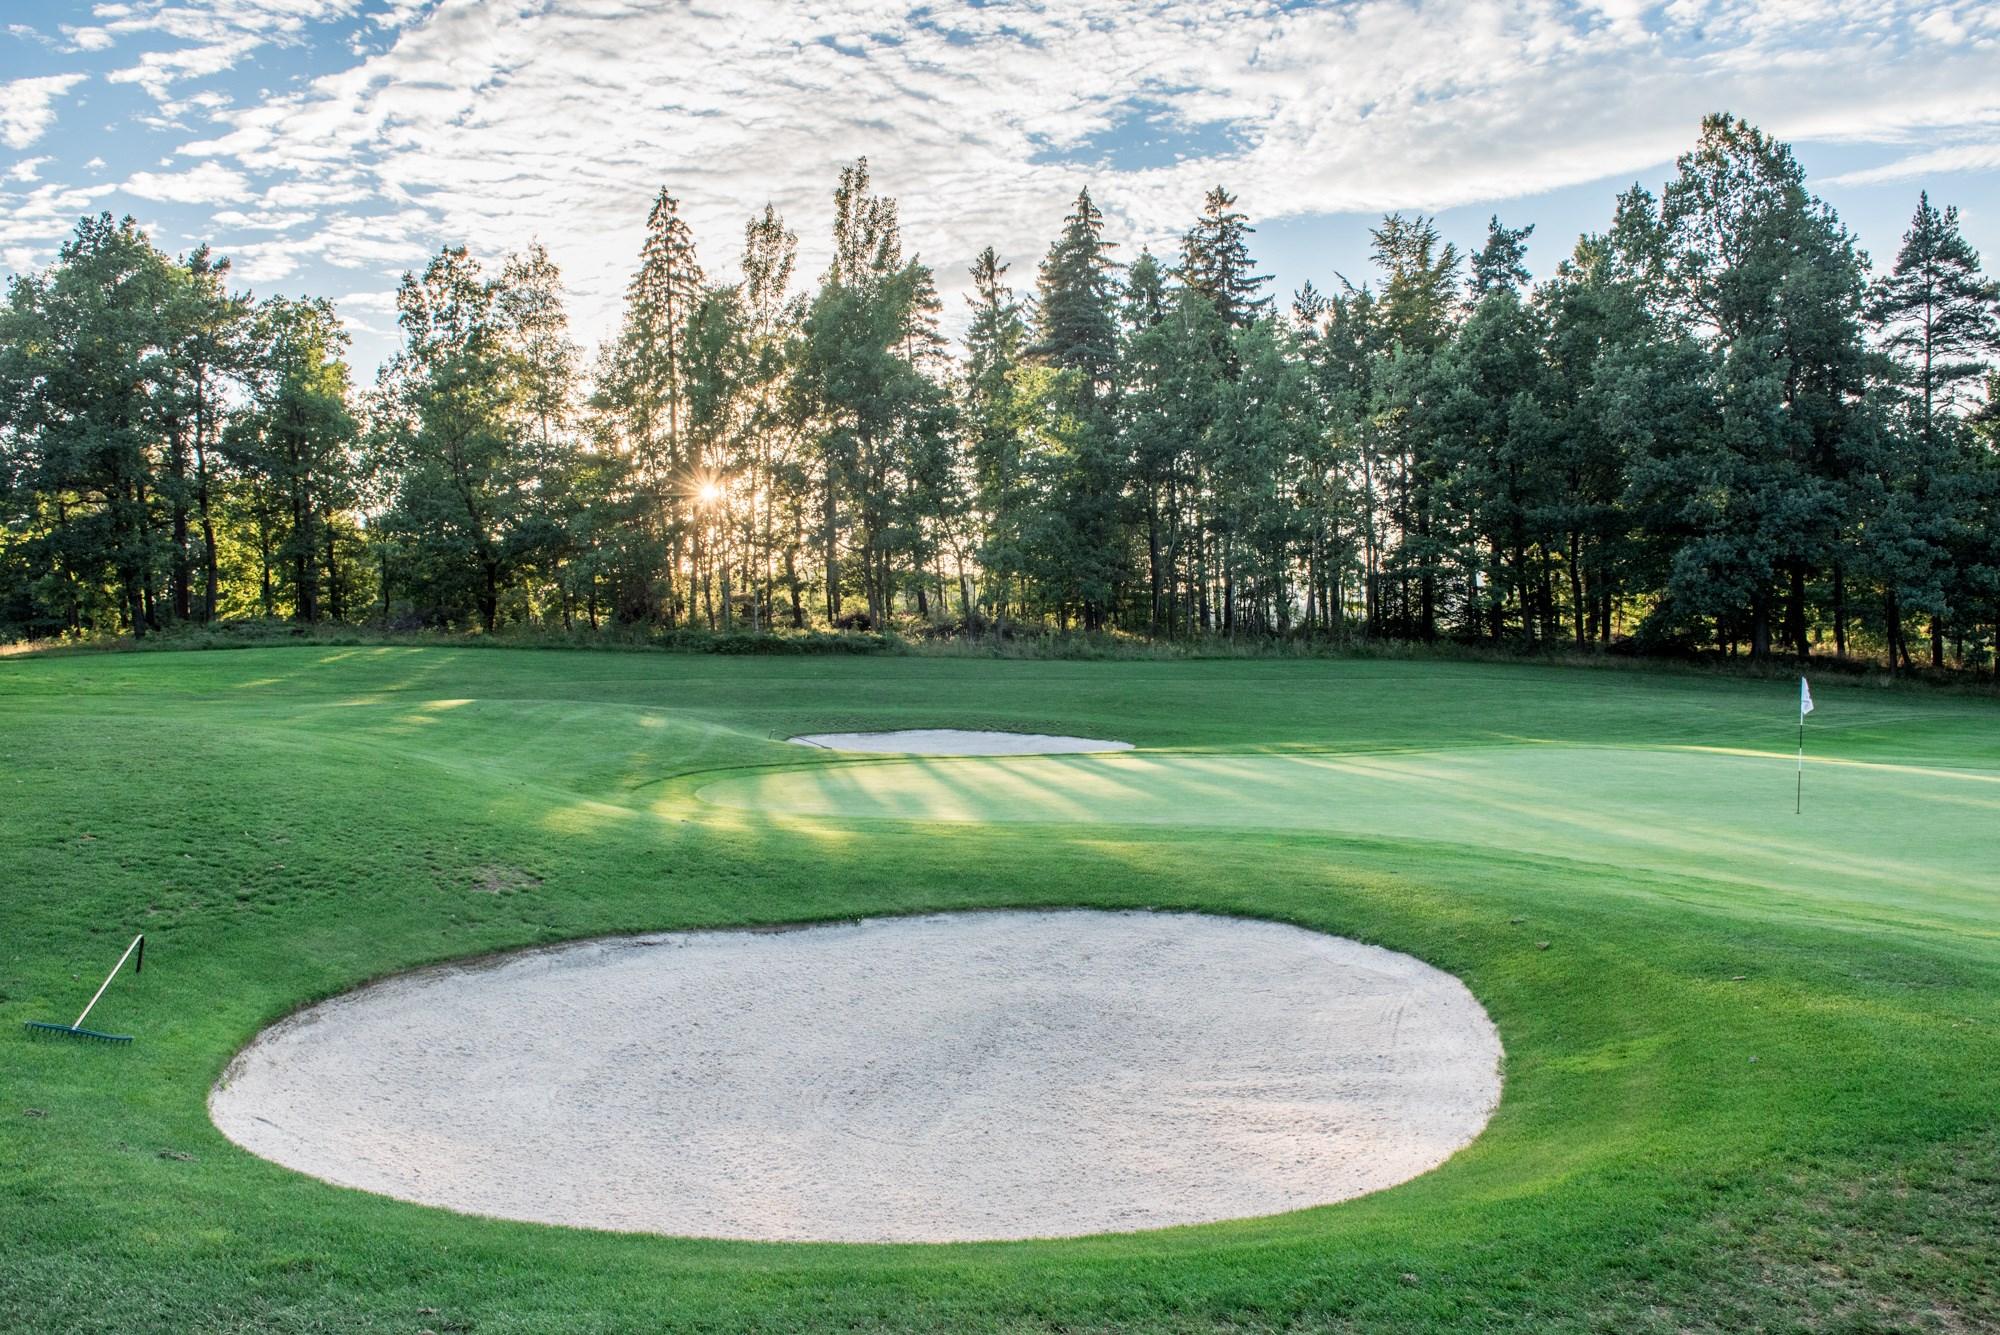 Golf_Ypsilon_04.JPG